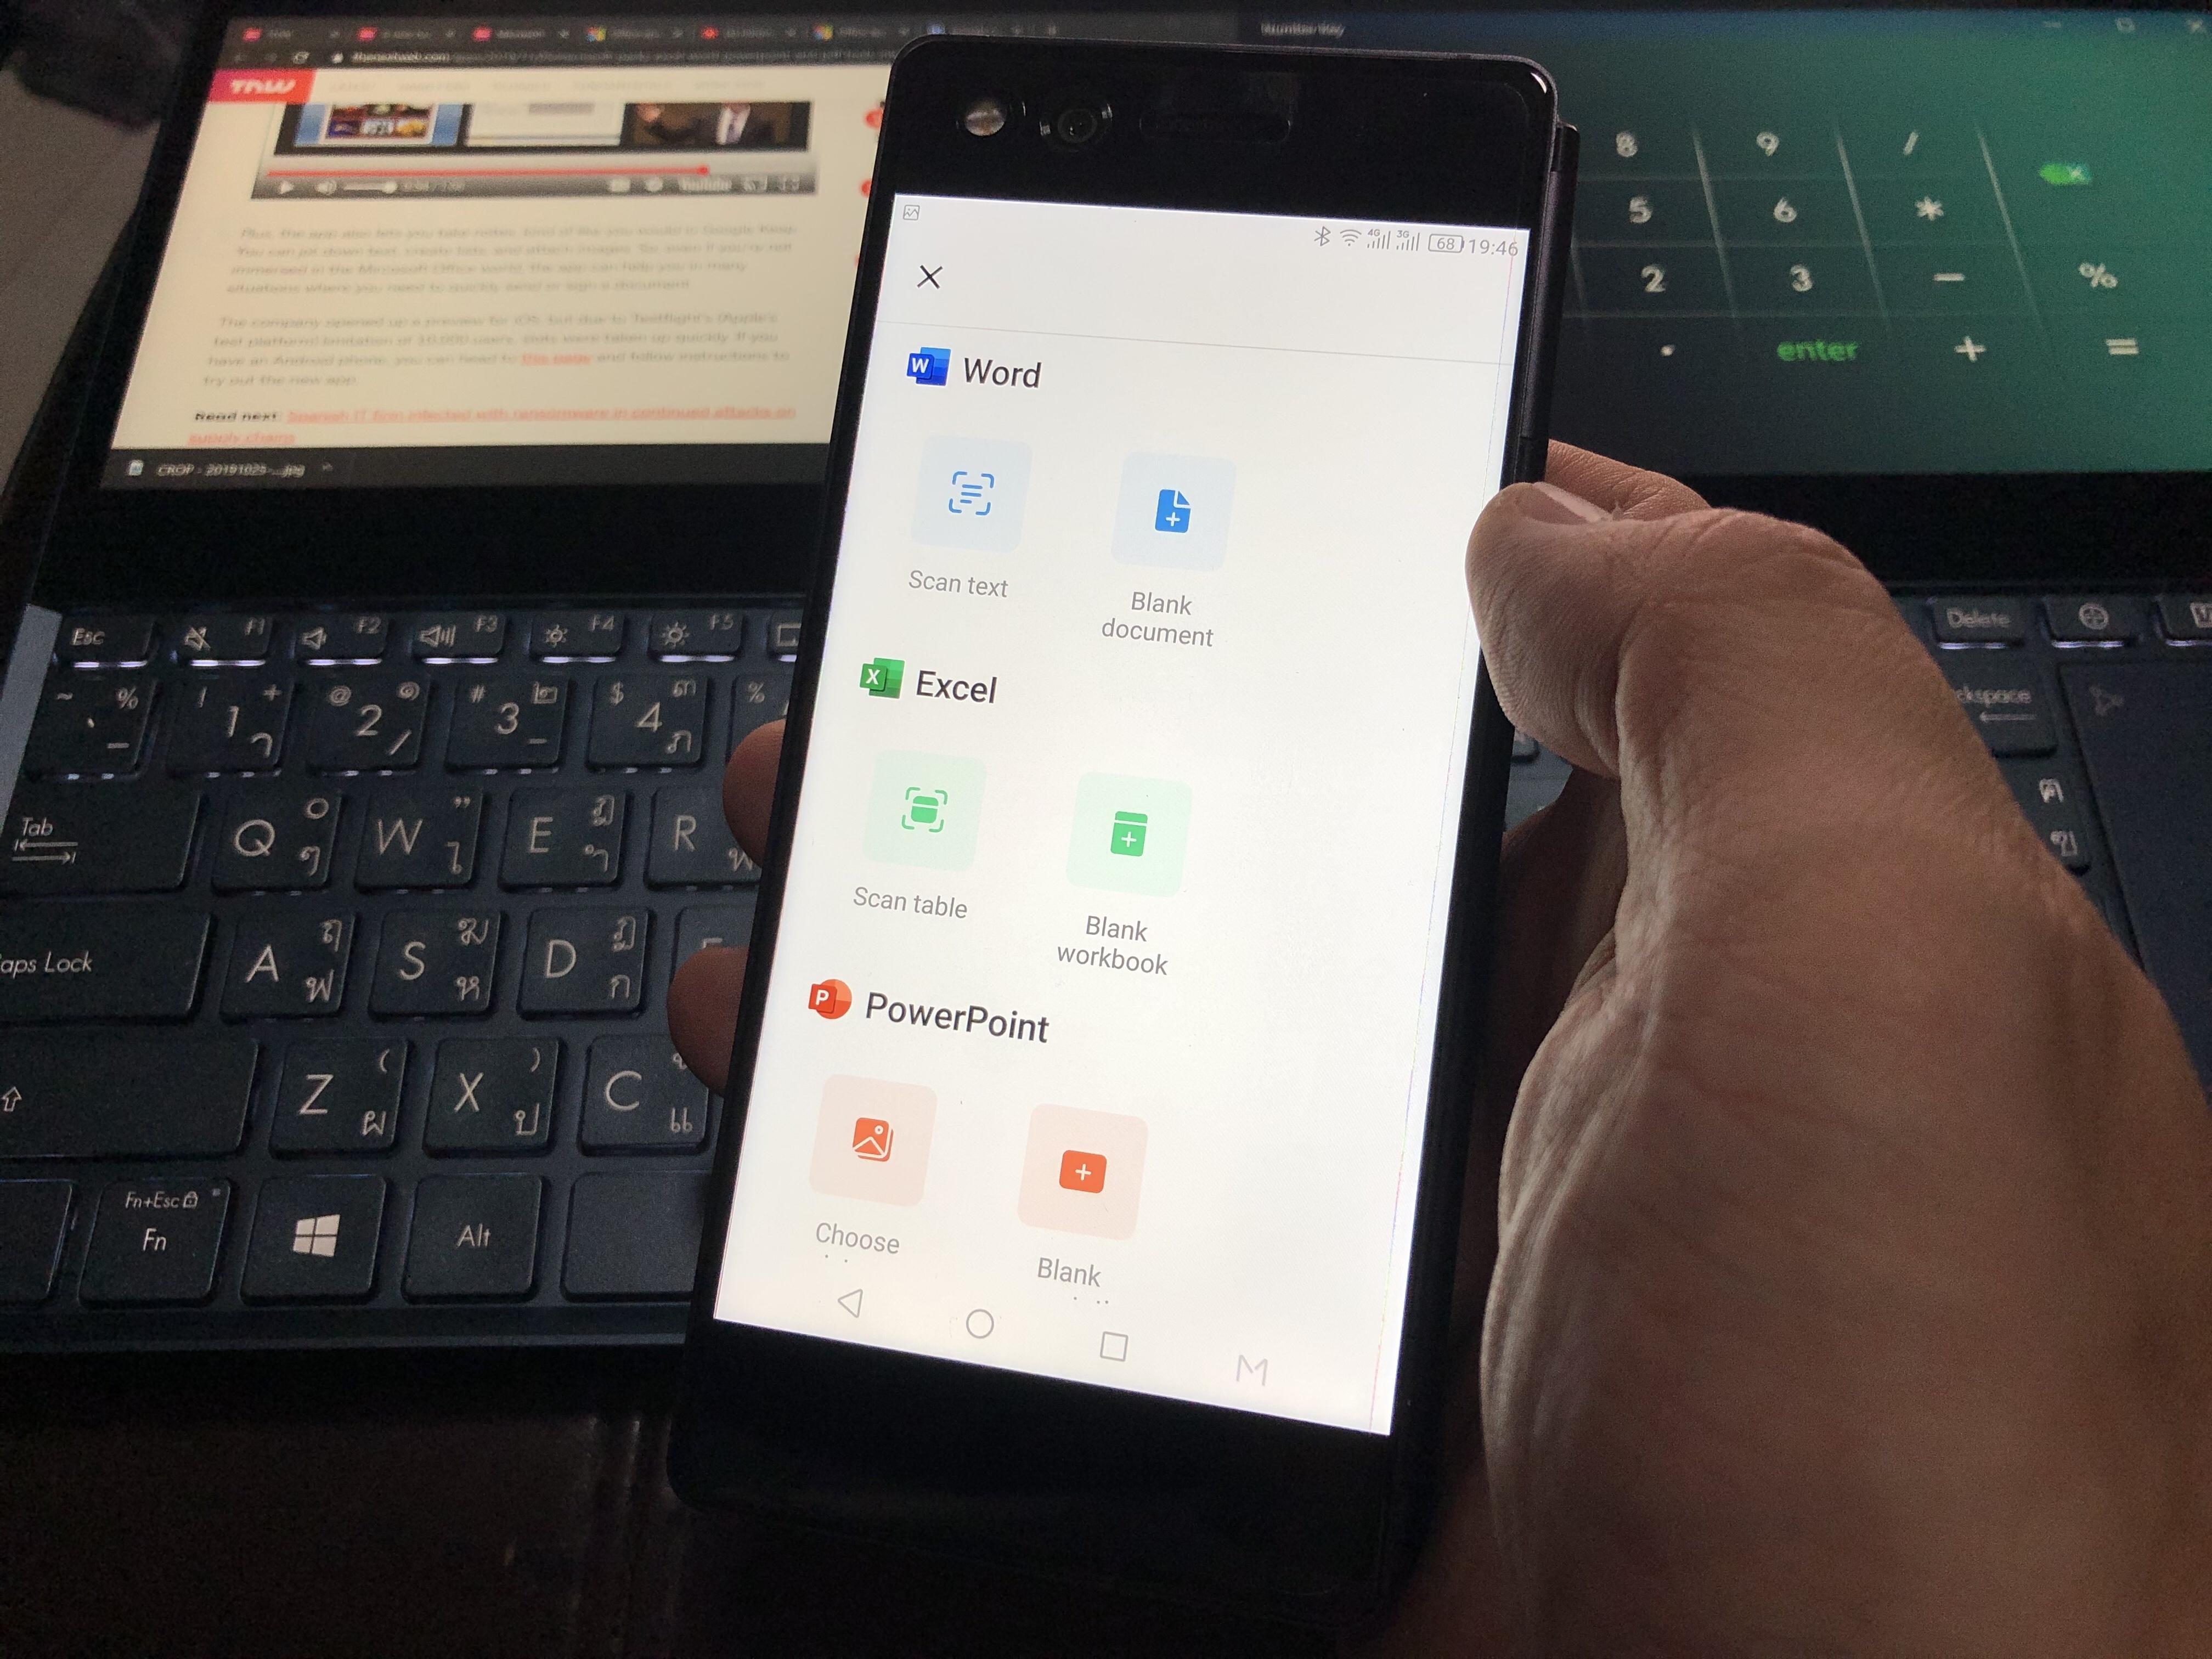 มือข้างขวากำลังถือสมาร์ทโฟนสีดำ เปิดแอป Office อยู่ มีแบ็กกราวด์เป็นโน้ตบุ๊ก